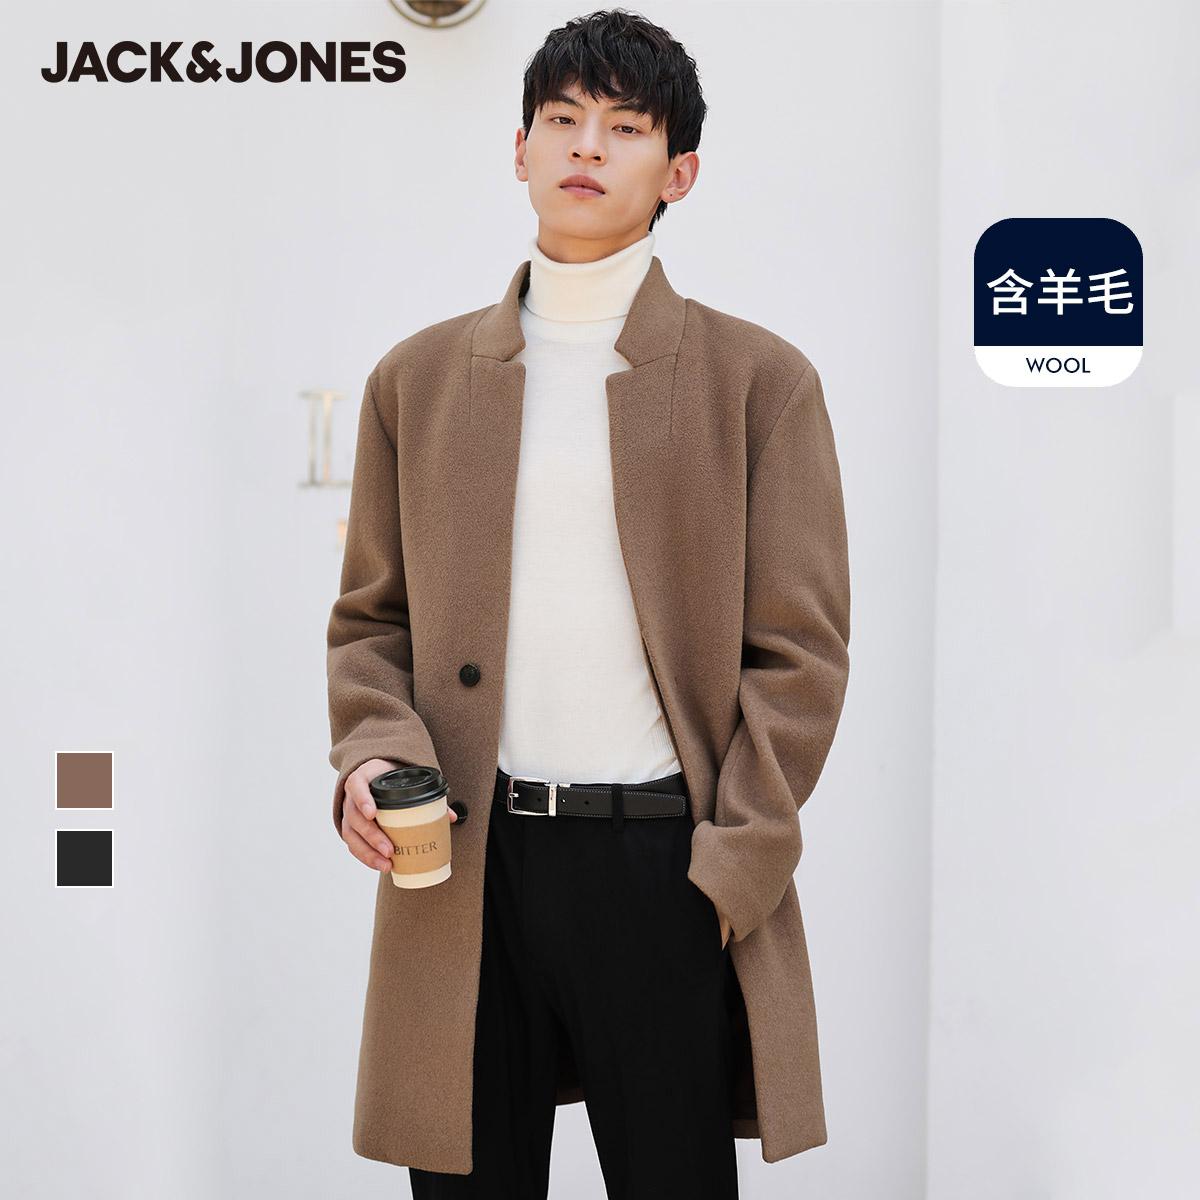 JackJones杰克琼斯秋冬保暖含绵羊毛休闲毛呢大衣男装中长款外套